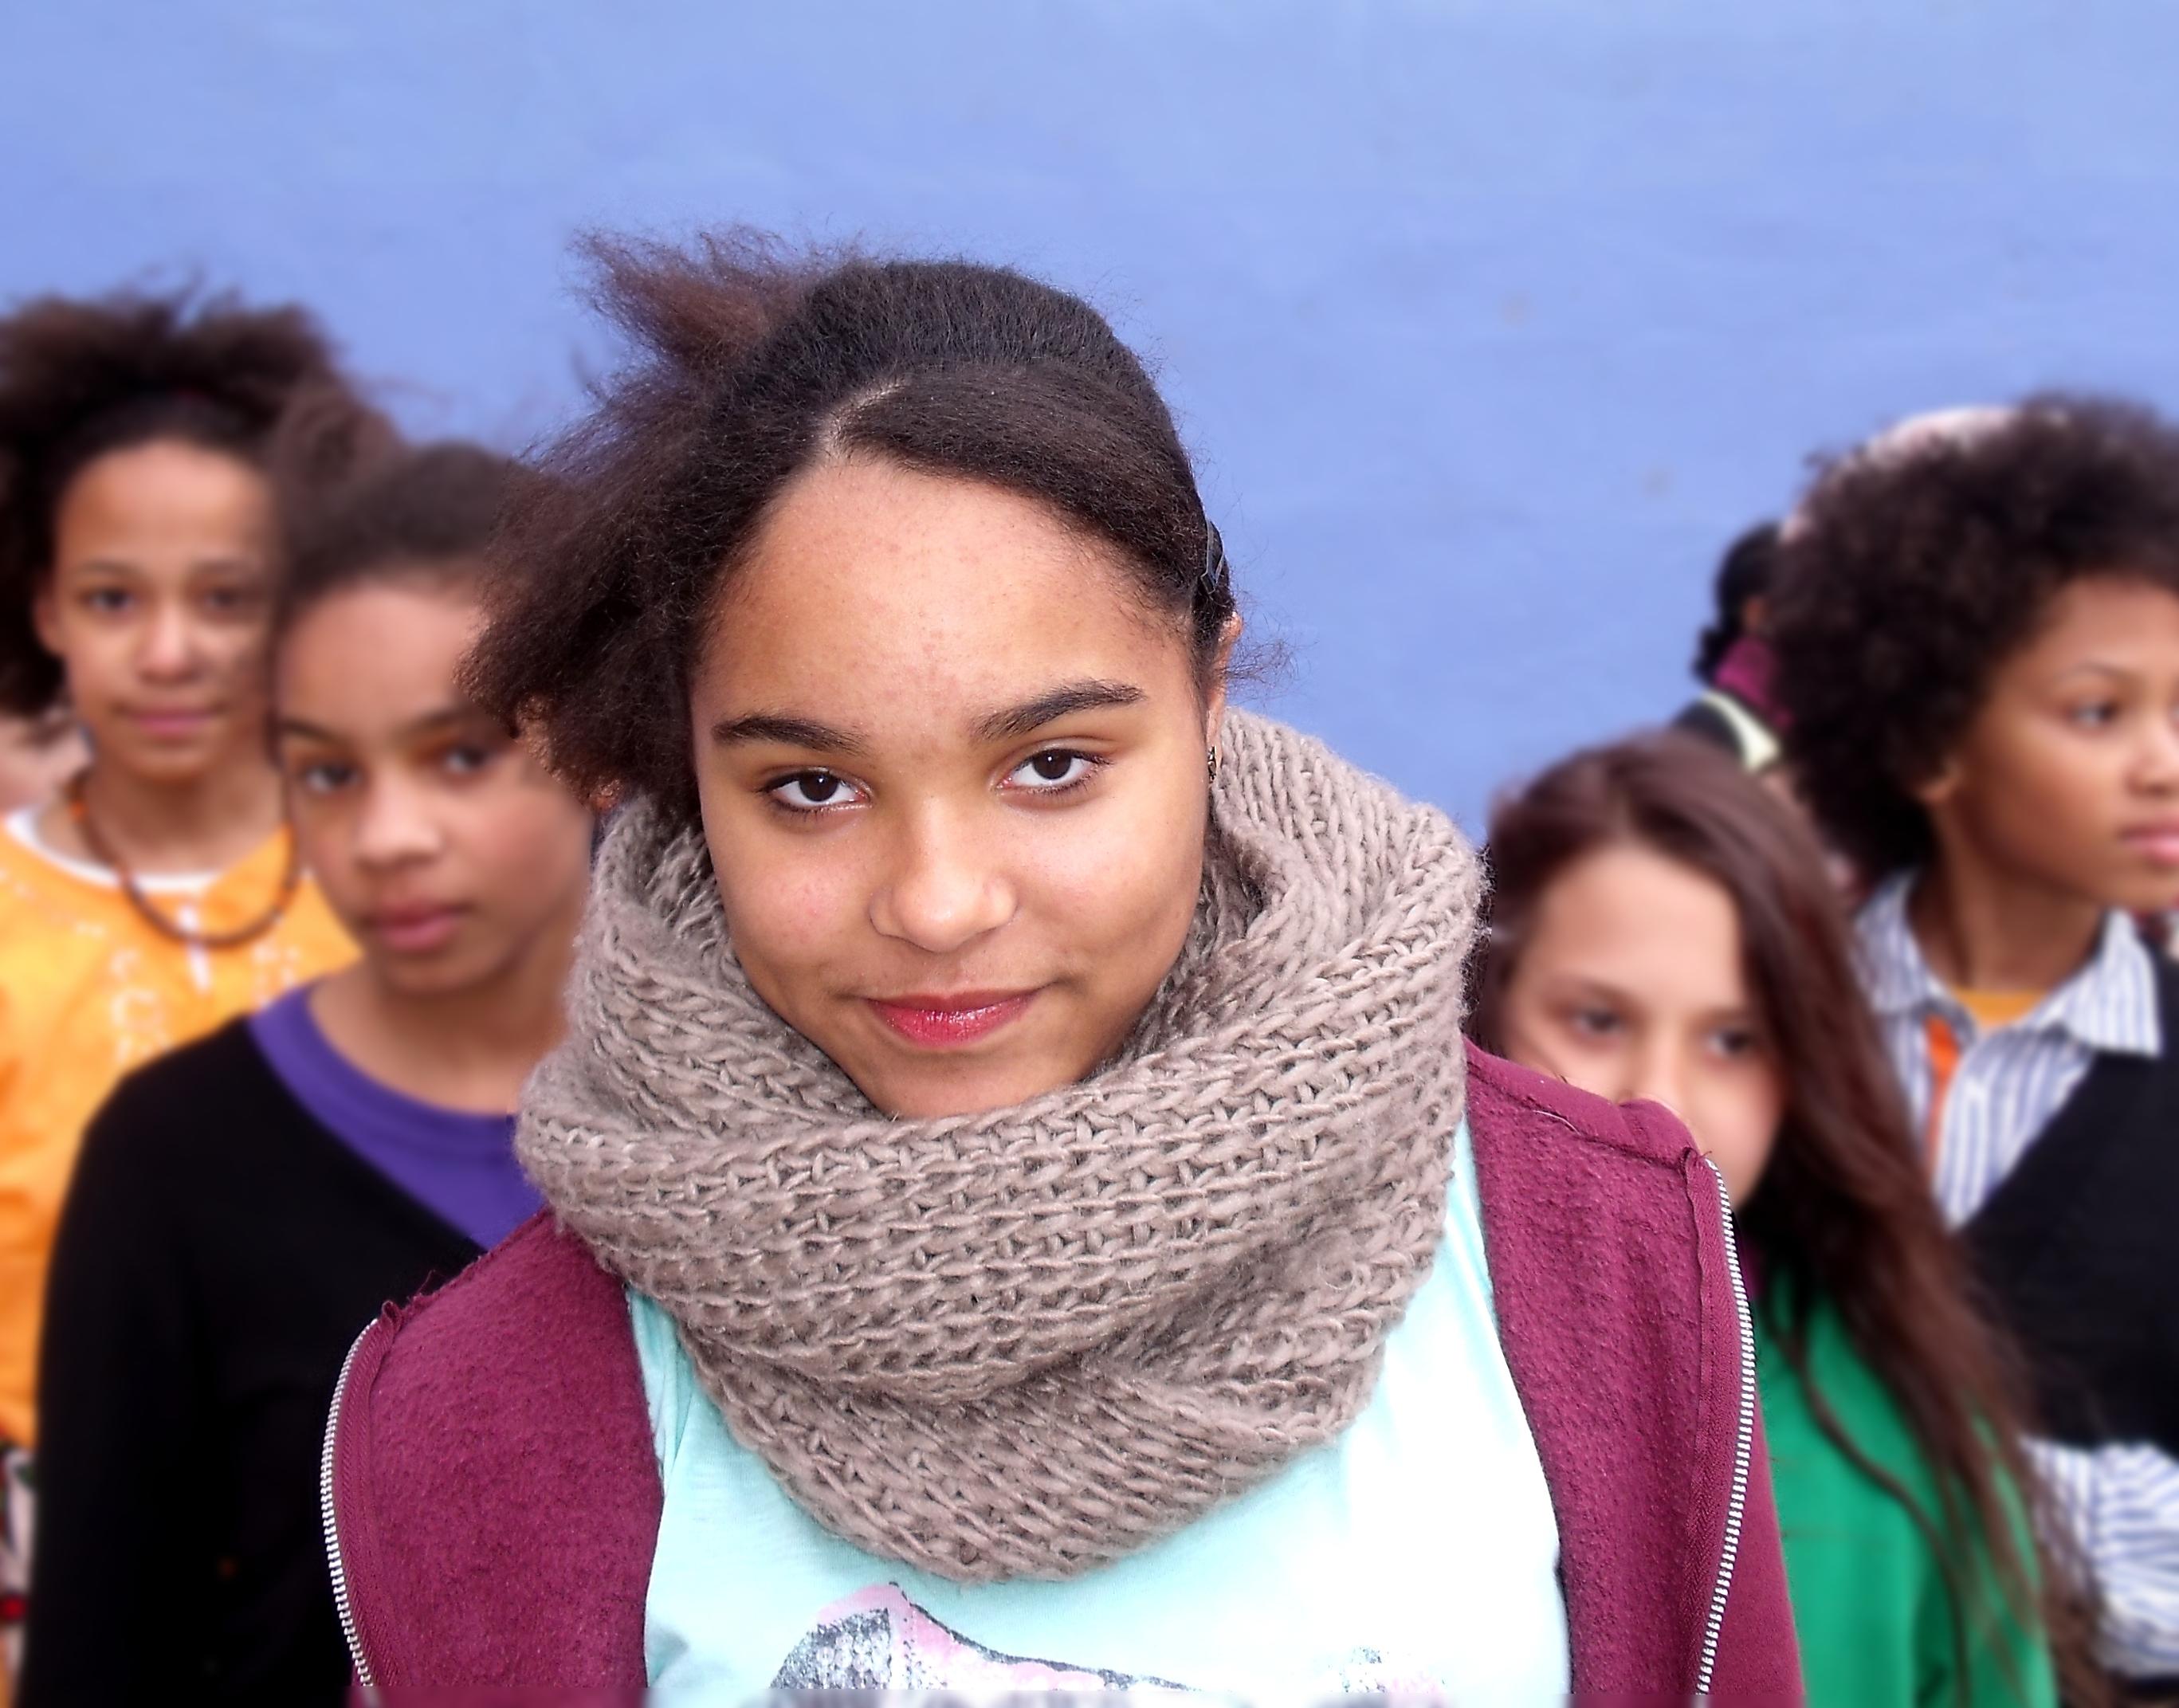 Binta - Mitglied der Schanzenclique